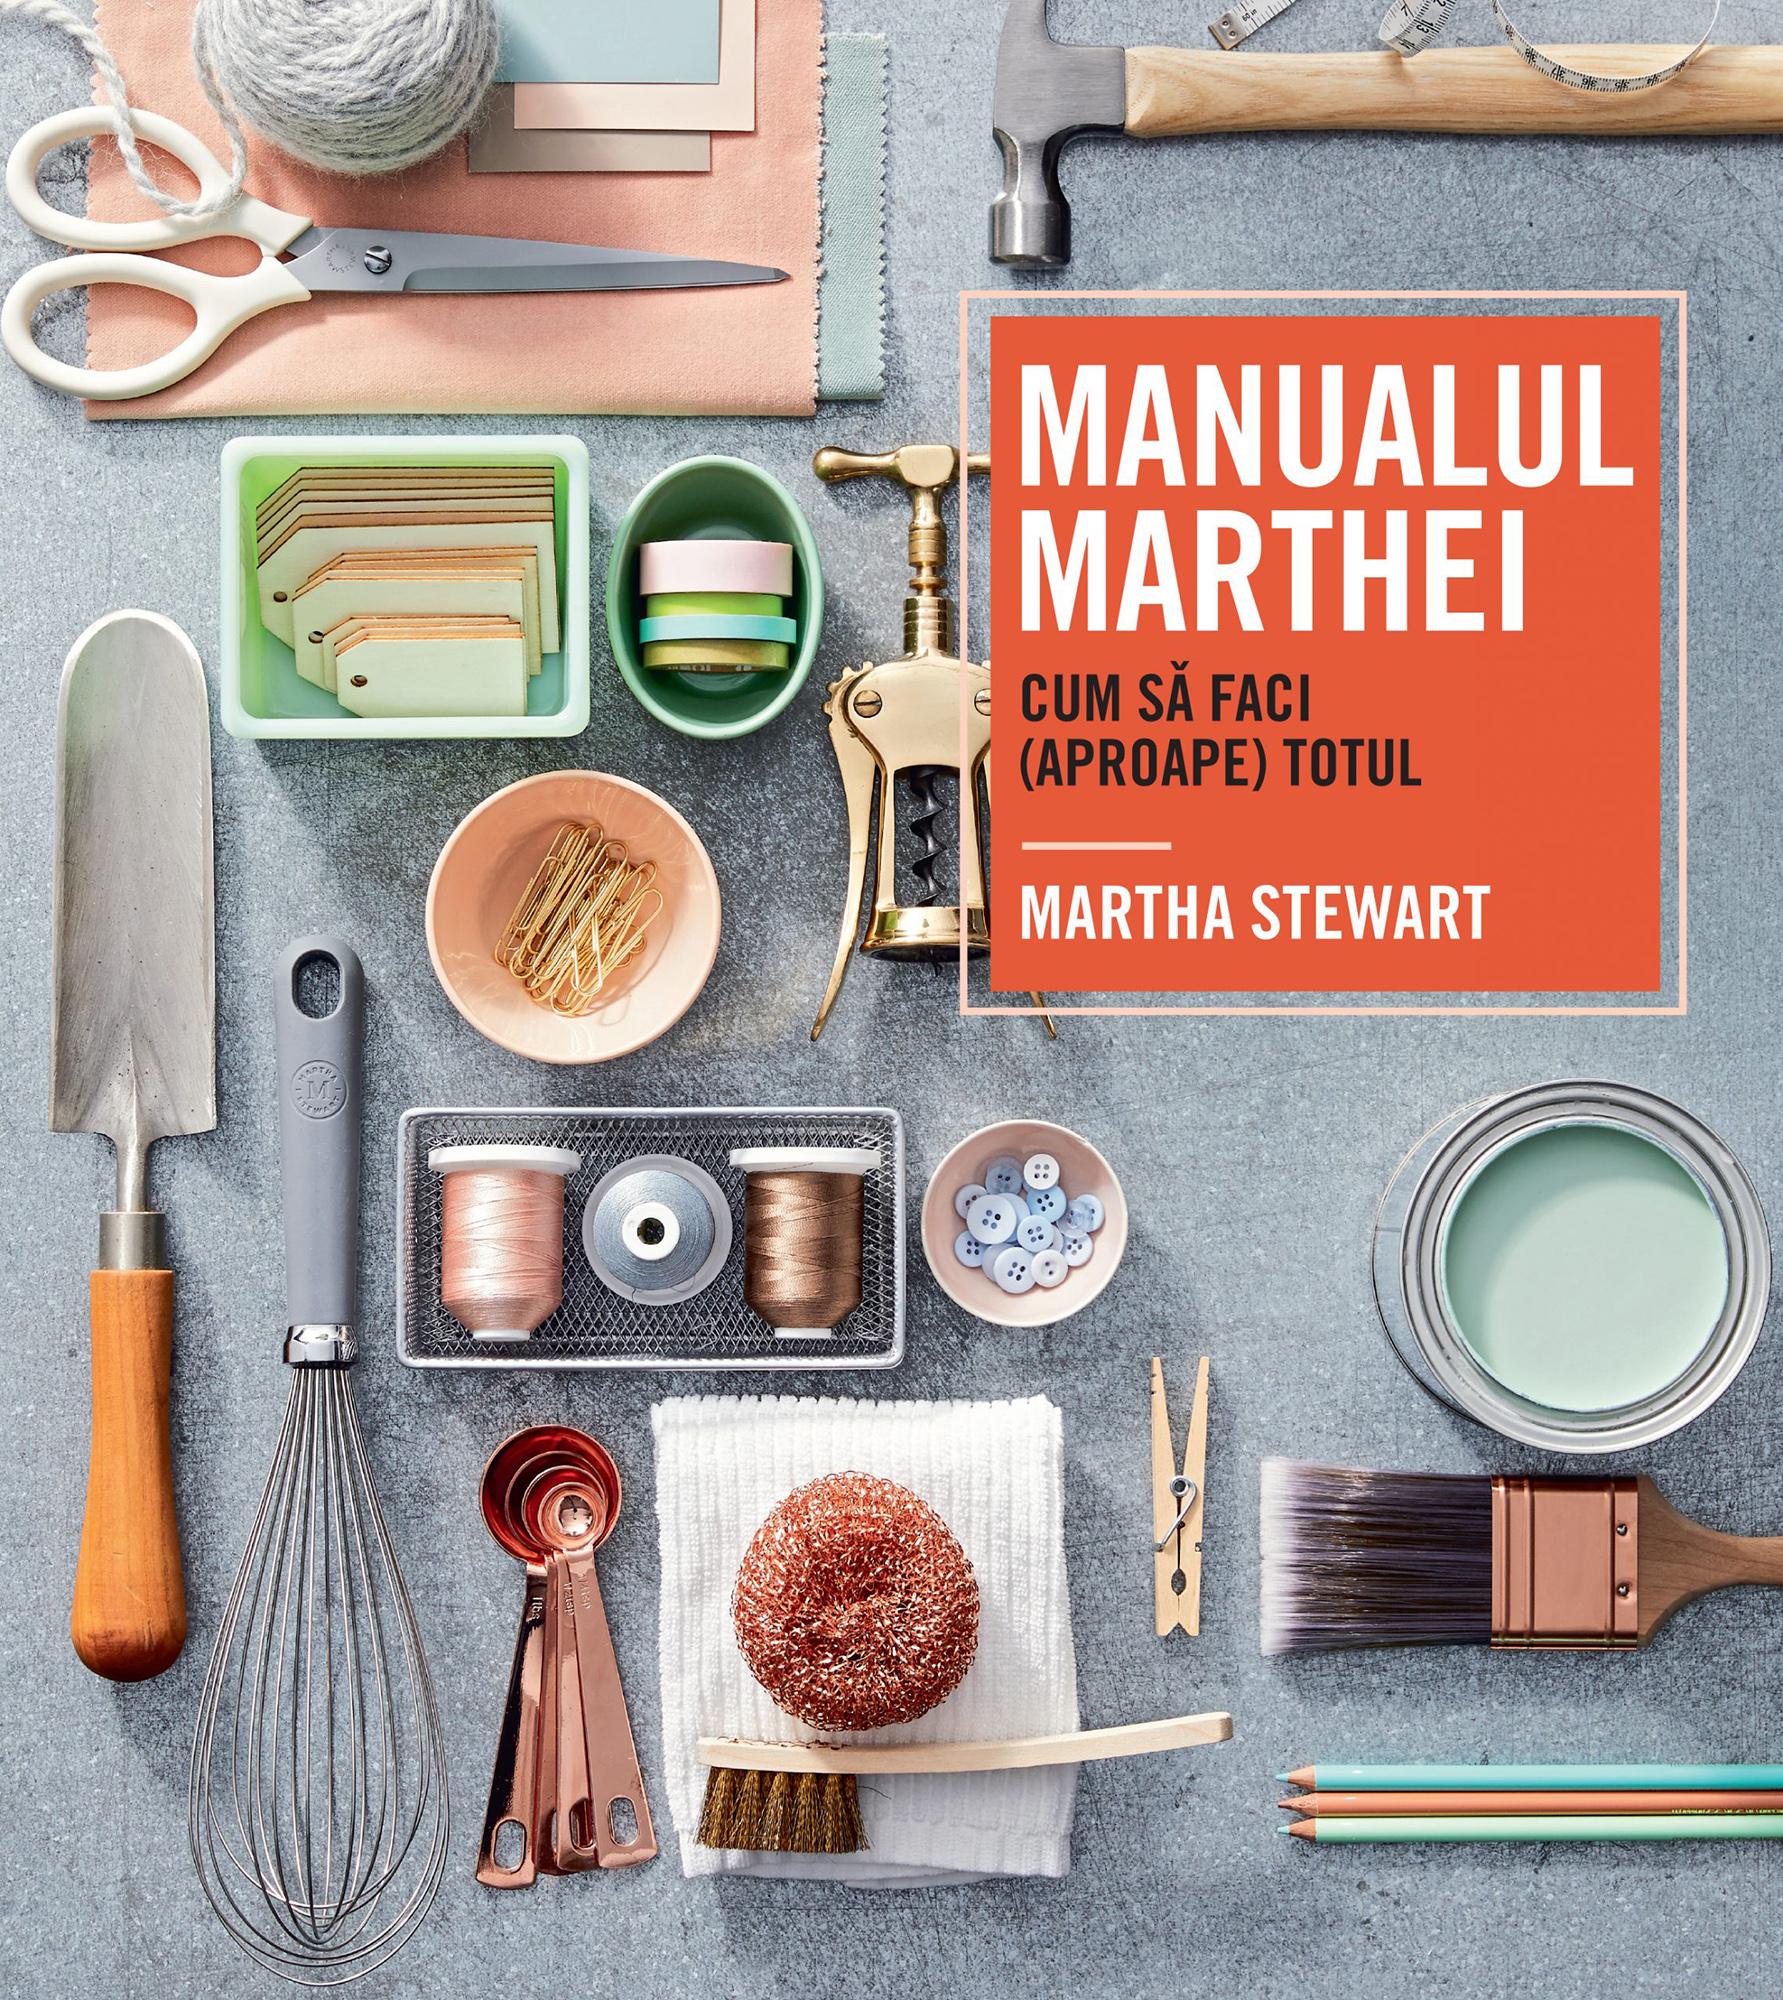 Manualul Marthei